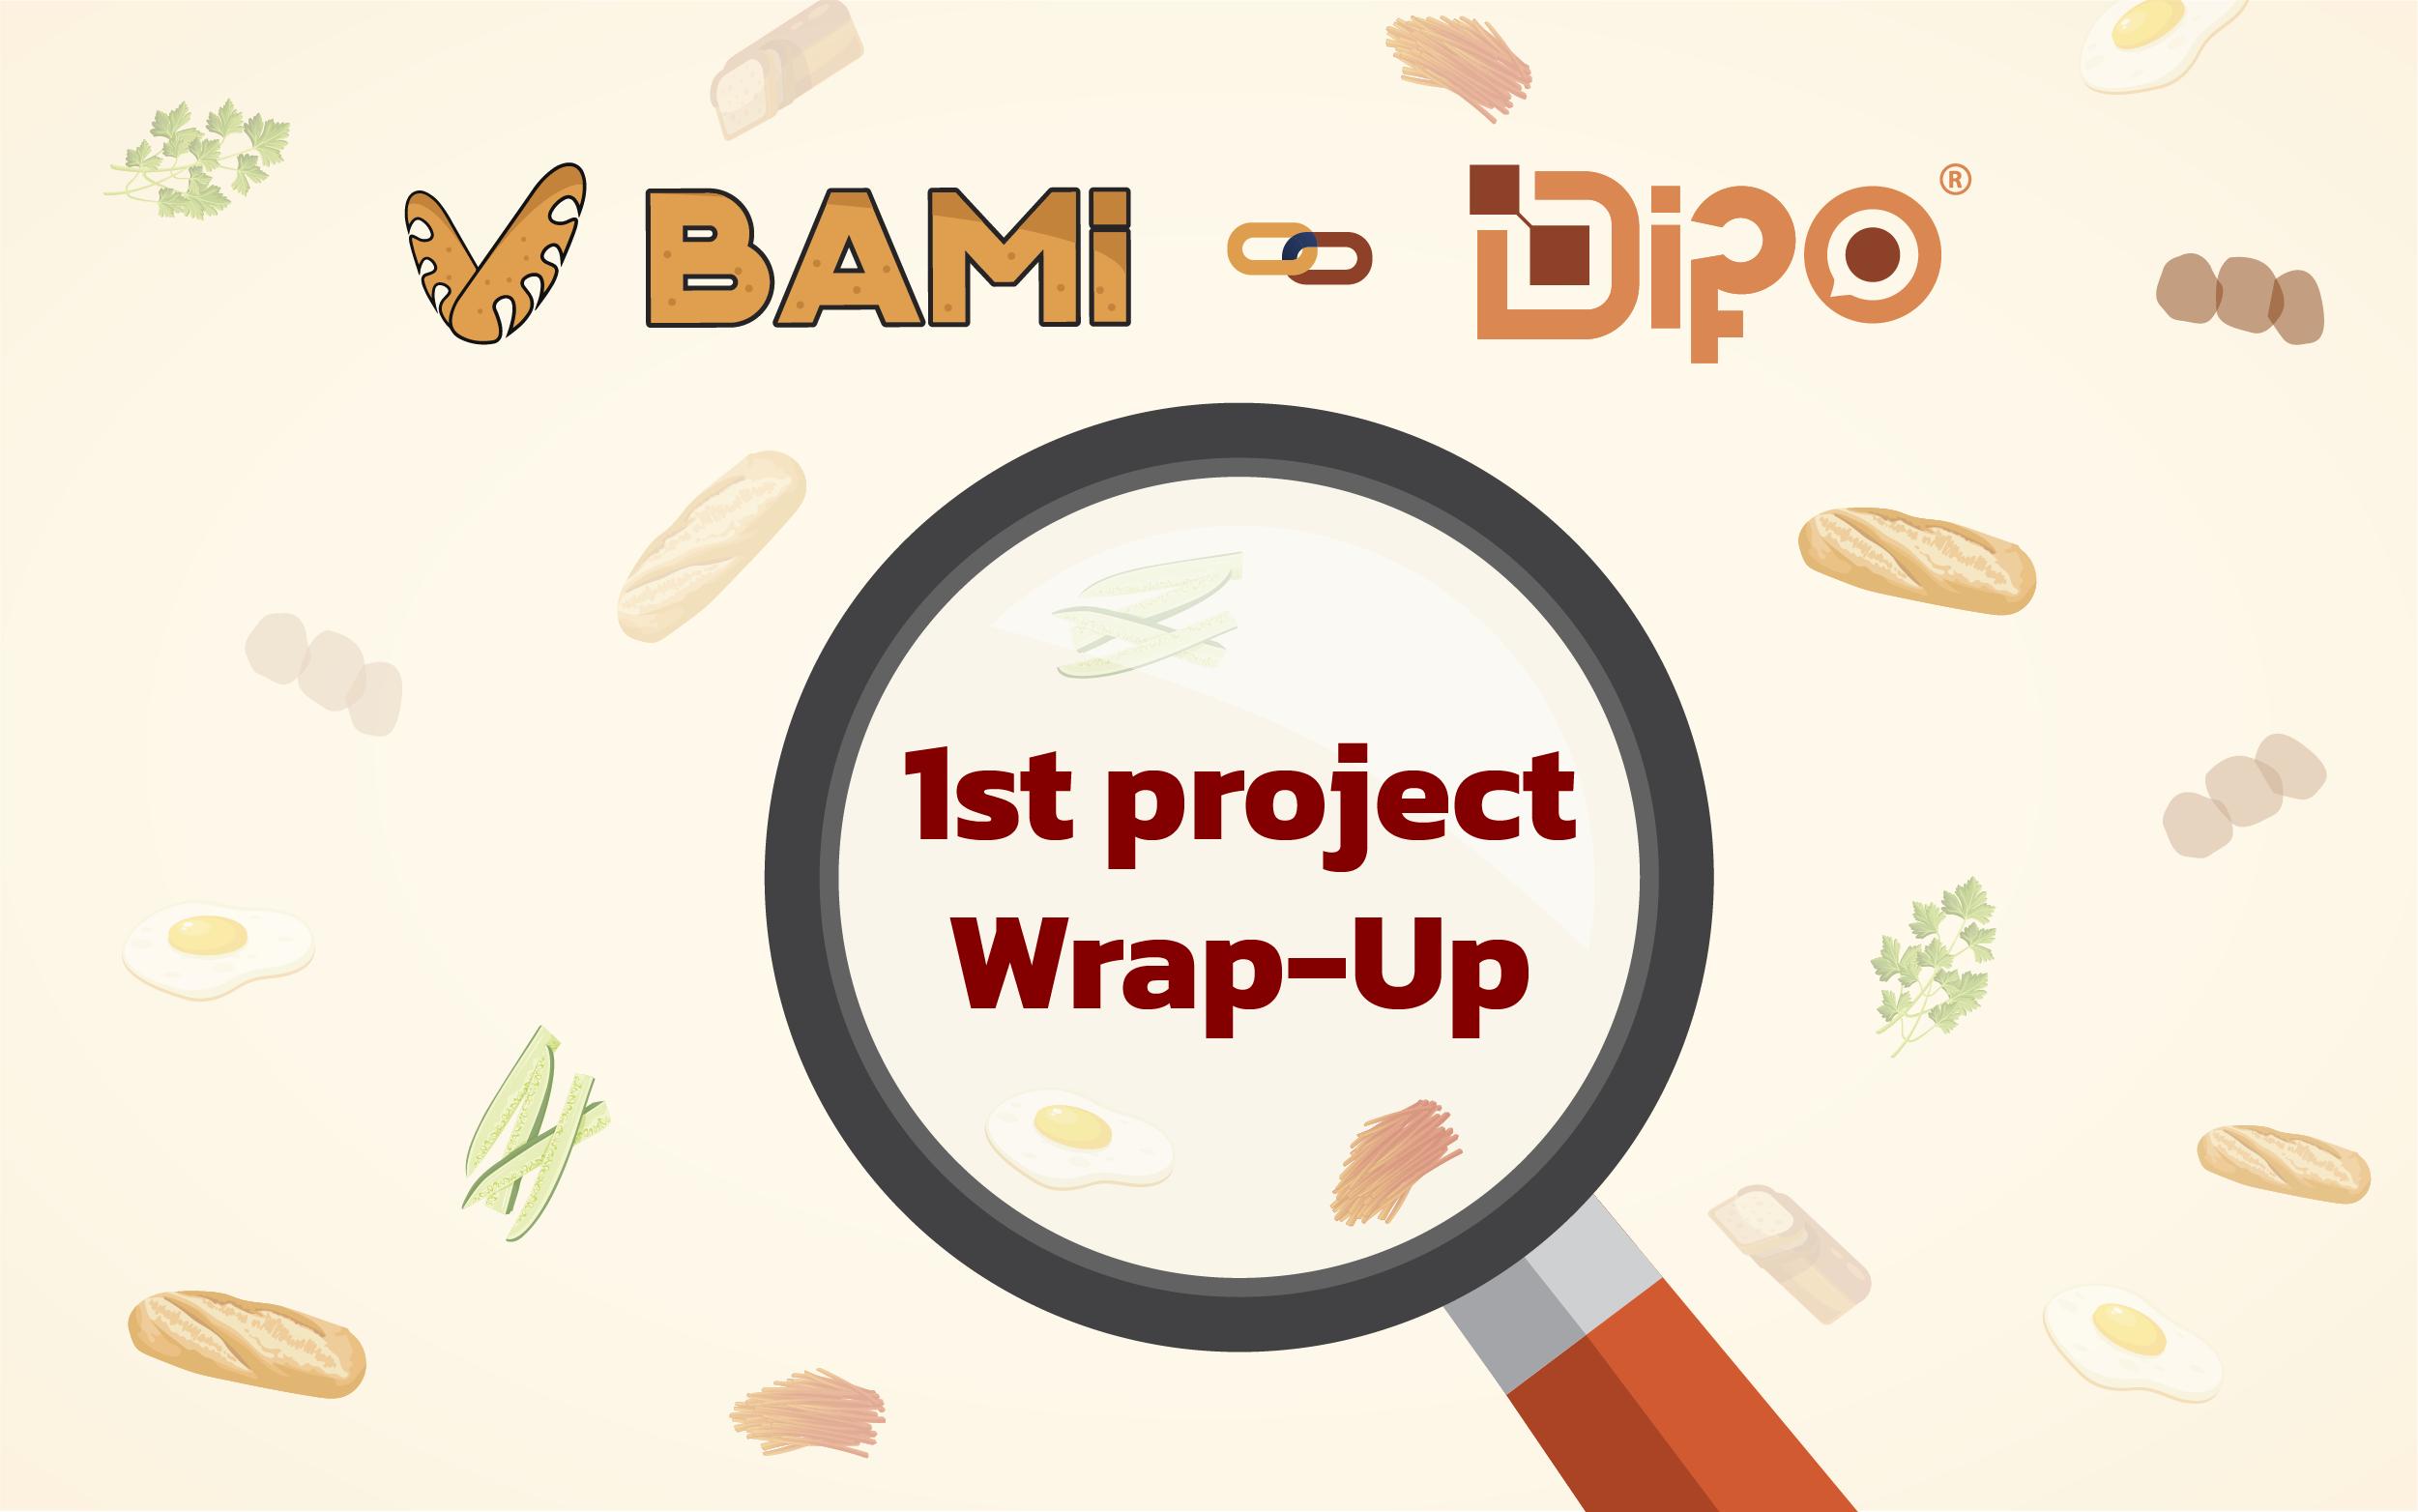 Tổng kết dự án DIPO đầu tiên trên Bami Protocol